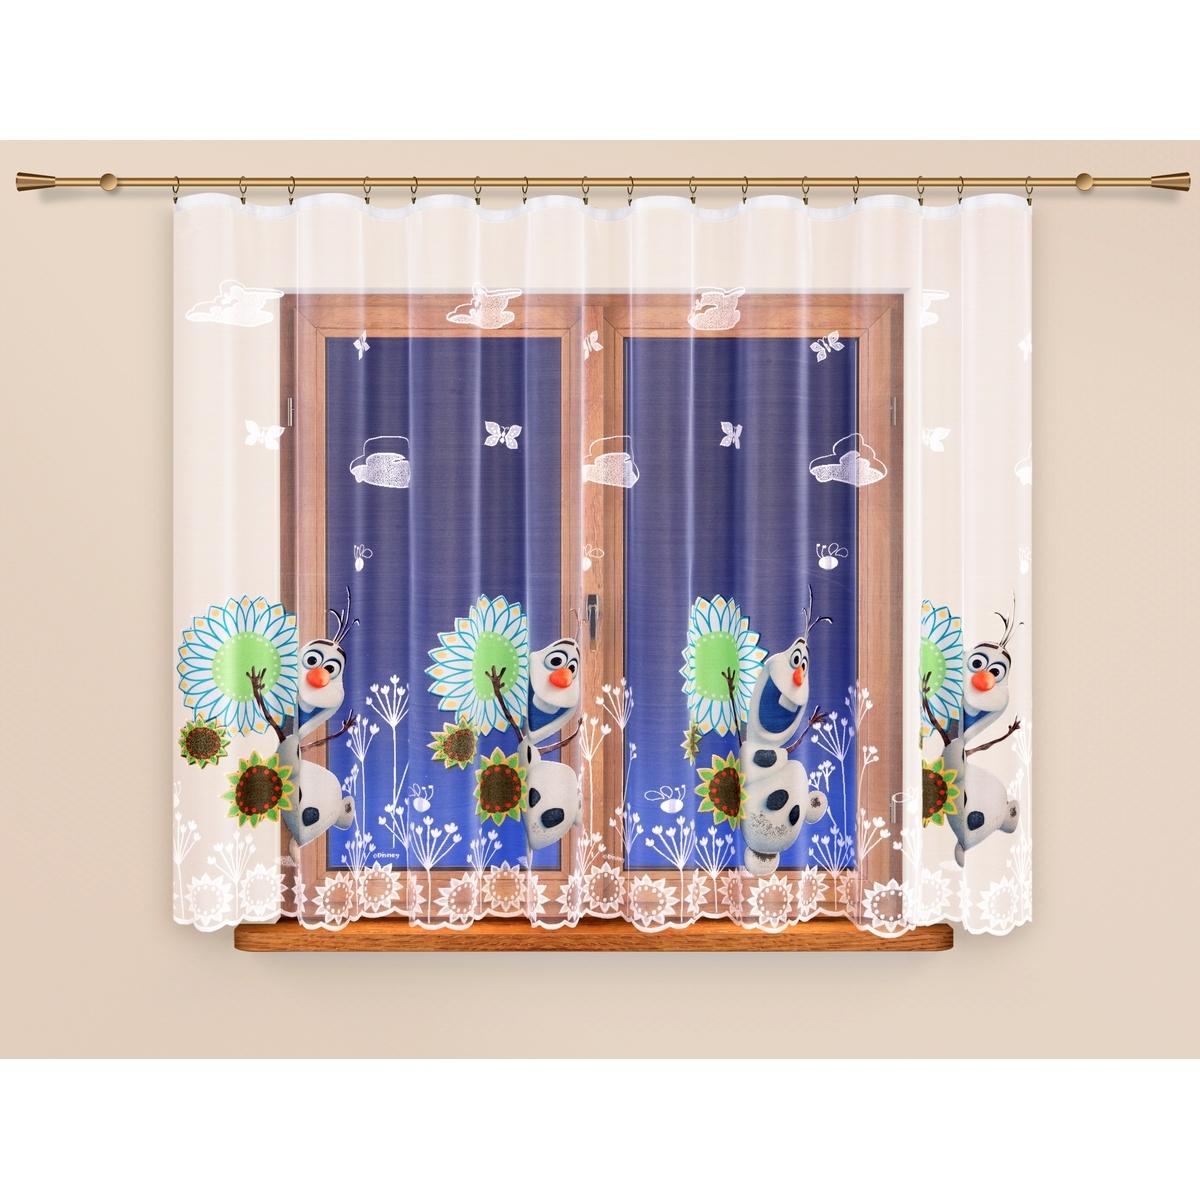 4Home Záclona Ledové království Frozen, 320 x 160 cm